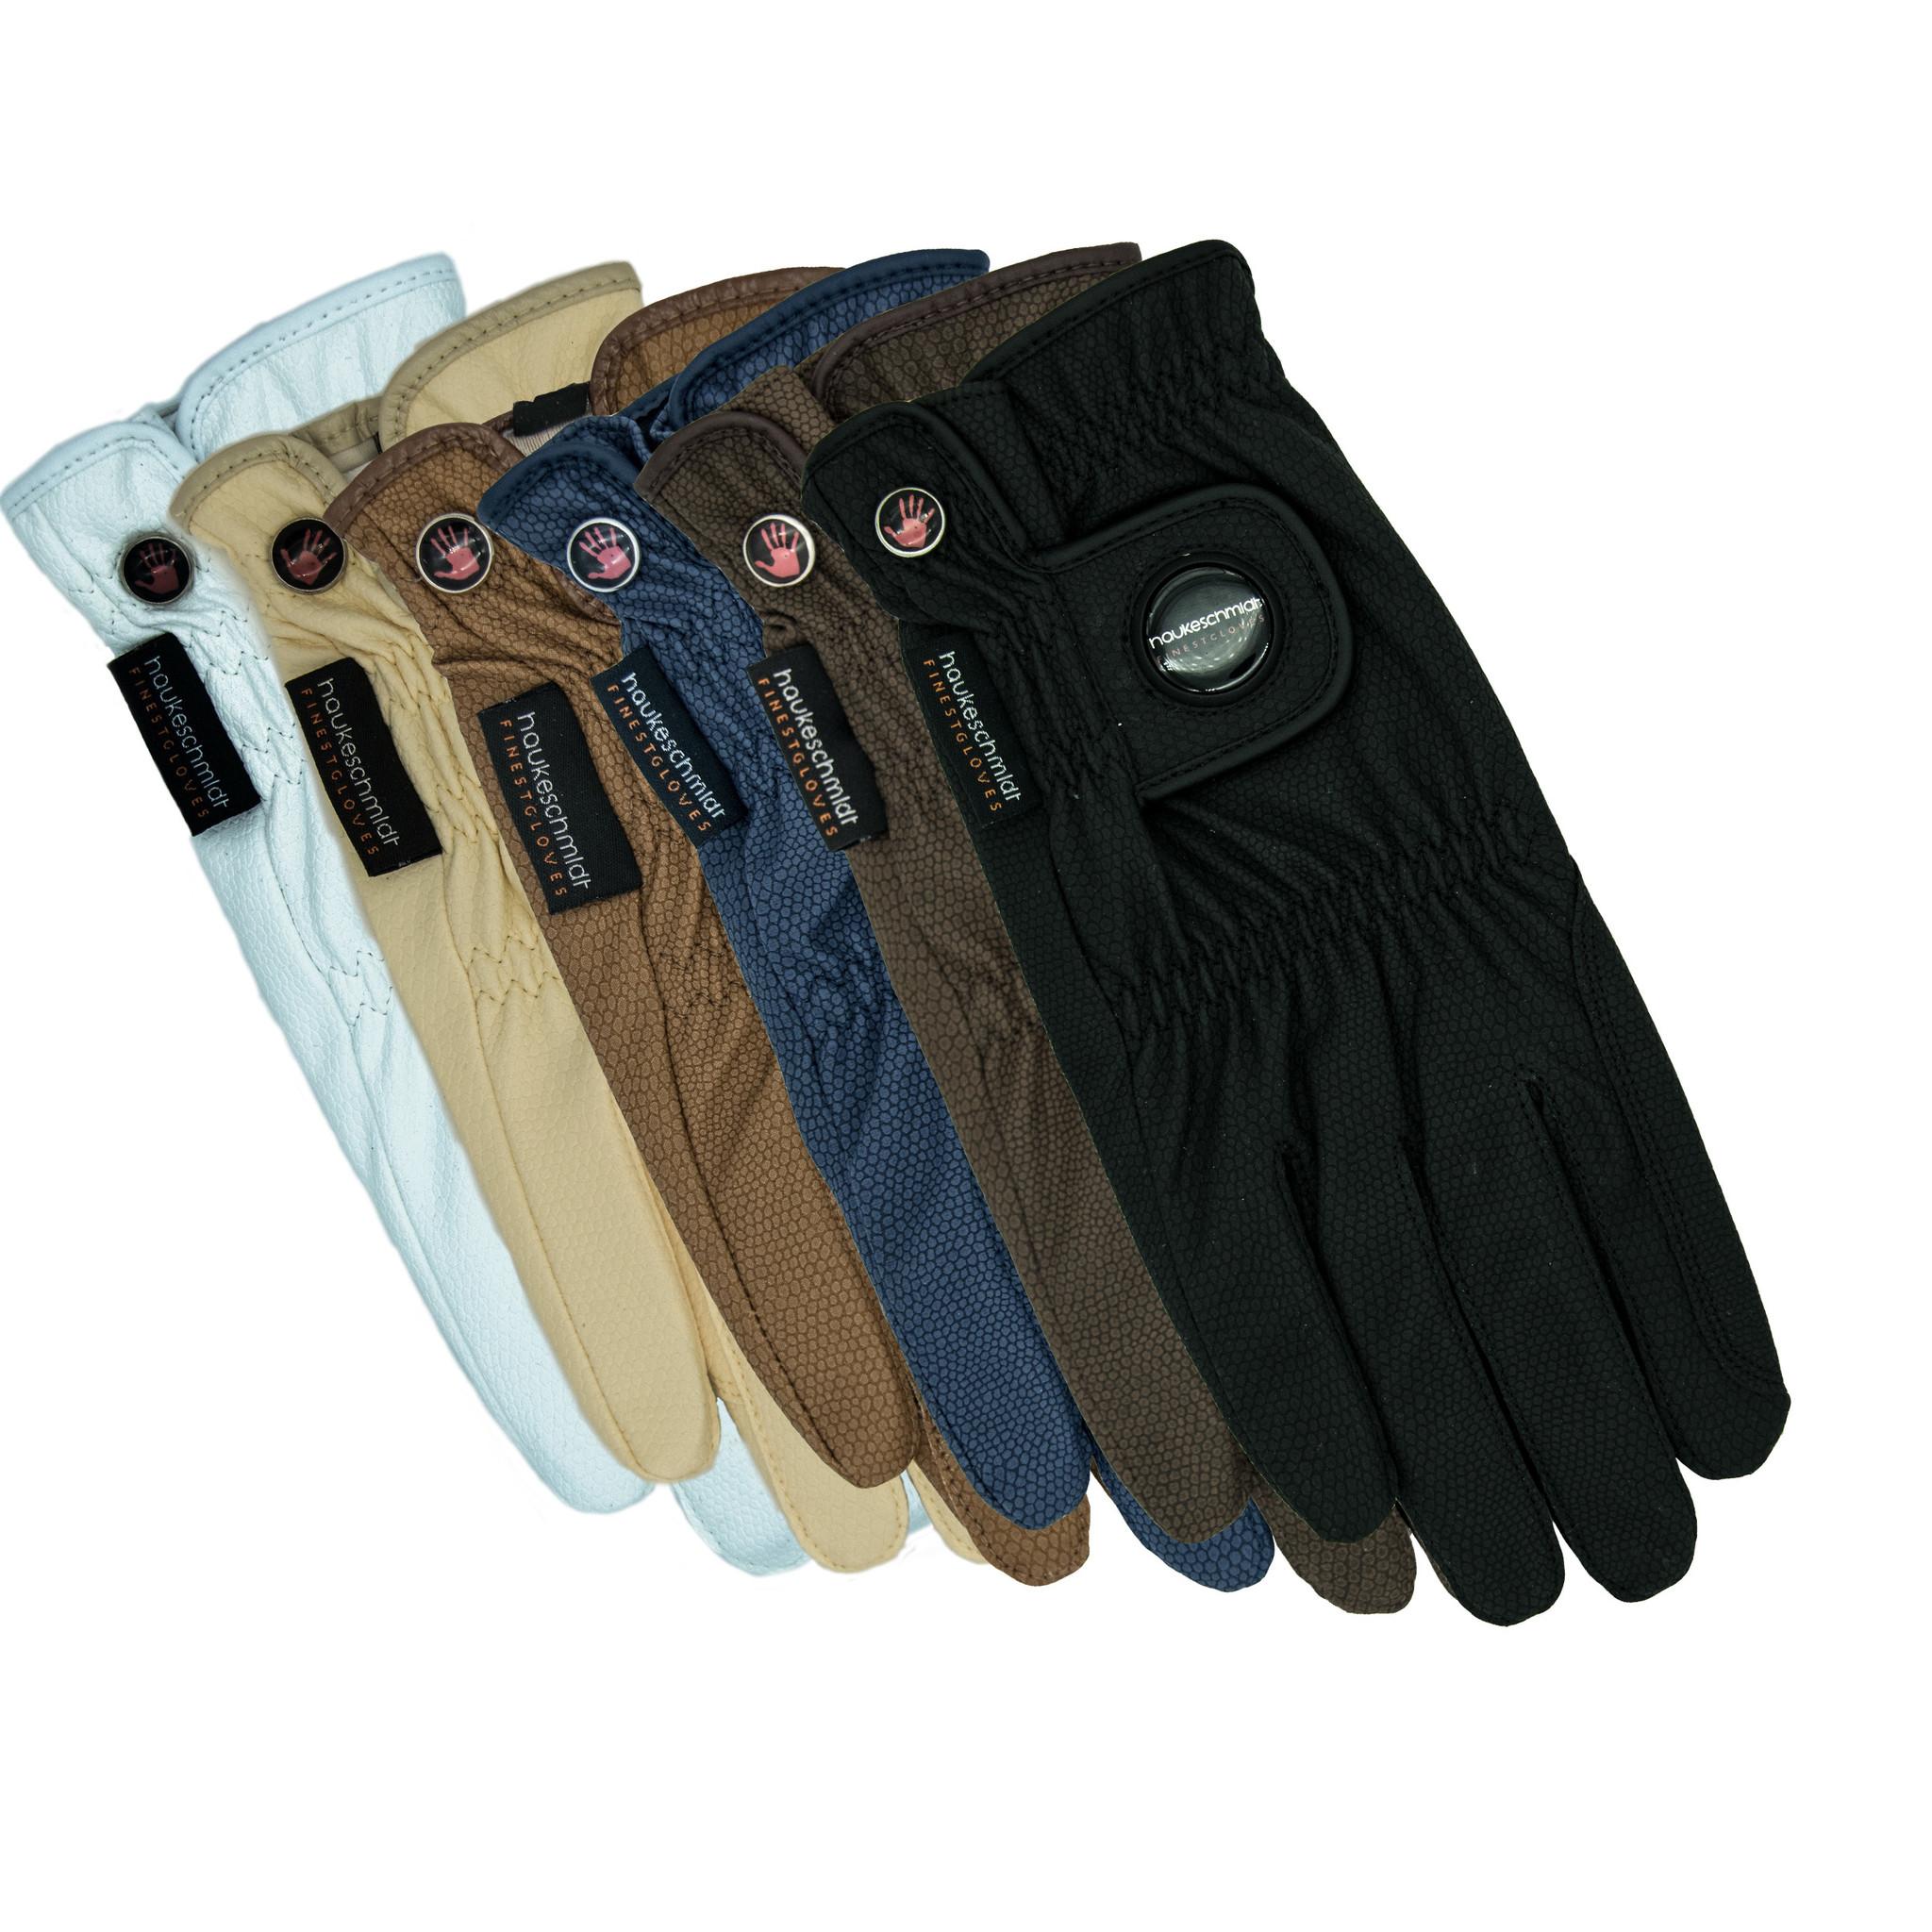 Haukeschmidt Gloves - A touch of class